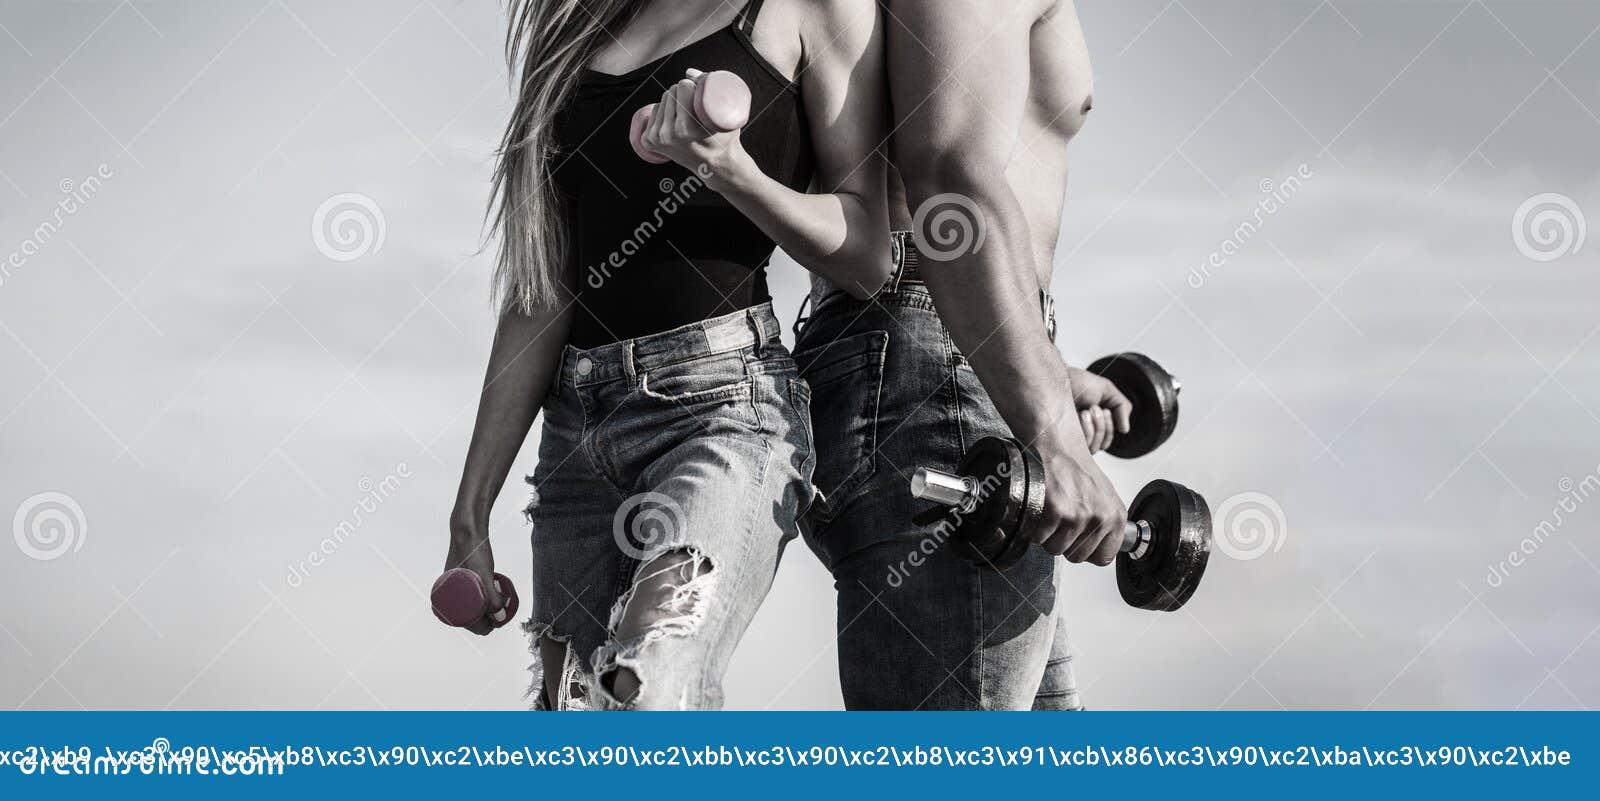 Le sport, haltère, forme physique, couple folâtre Femme et homme folâtres, équipe Couples sexy sportifs montrant le muscle et la